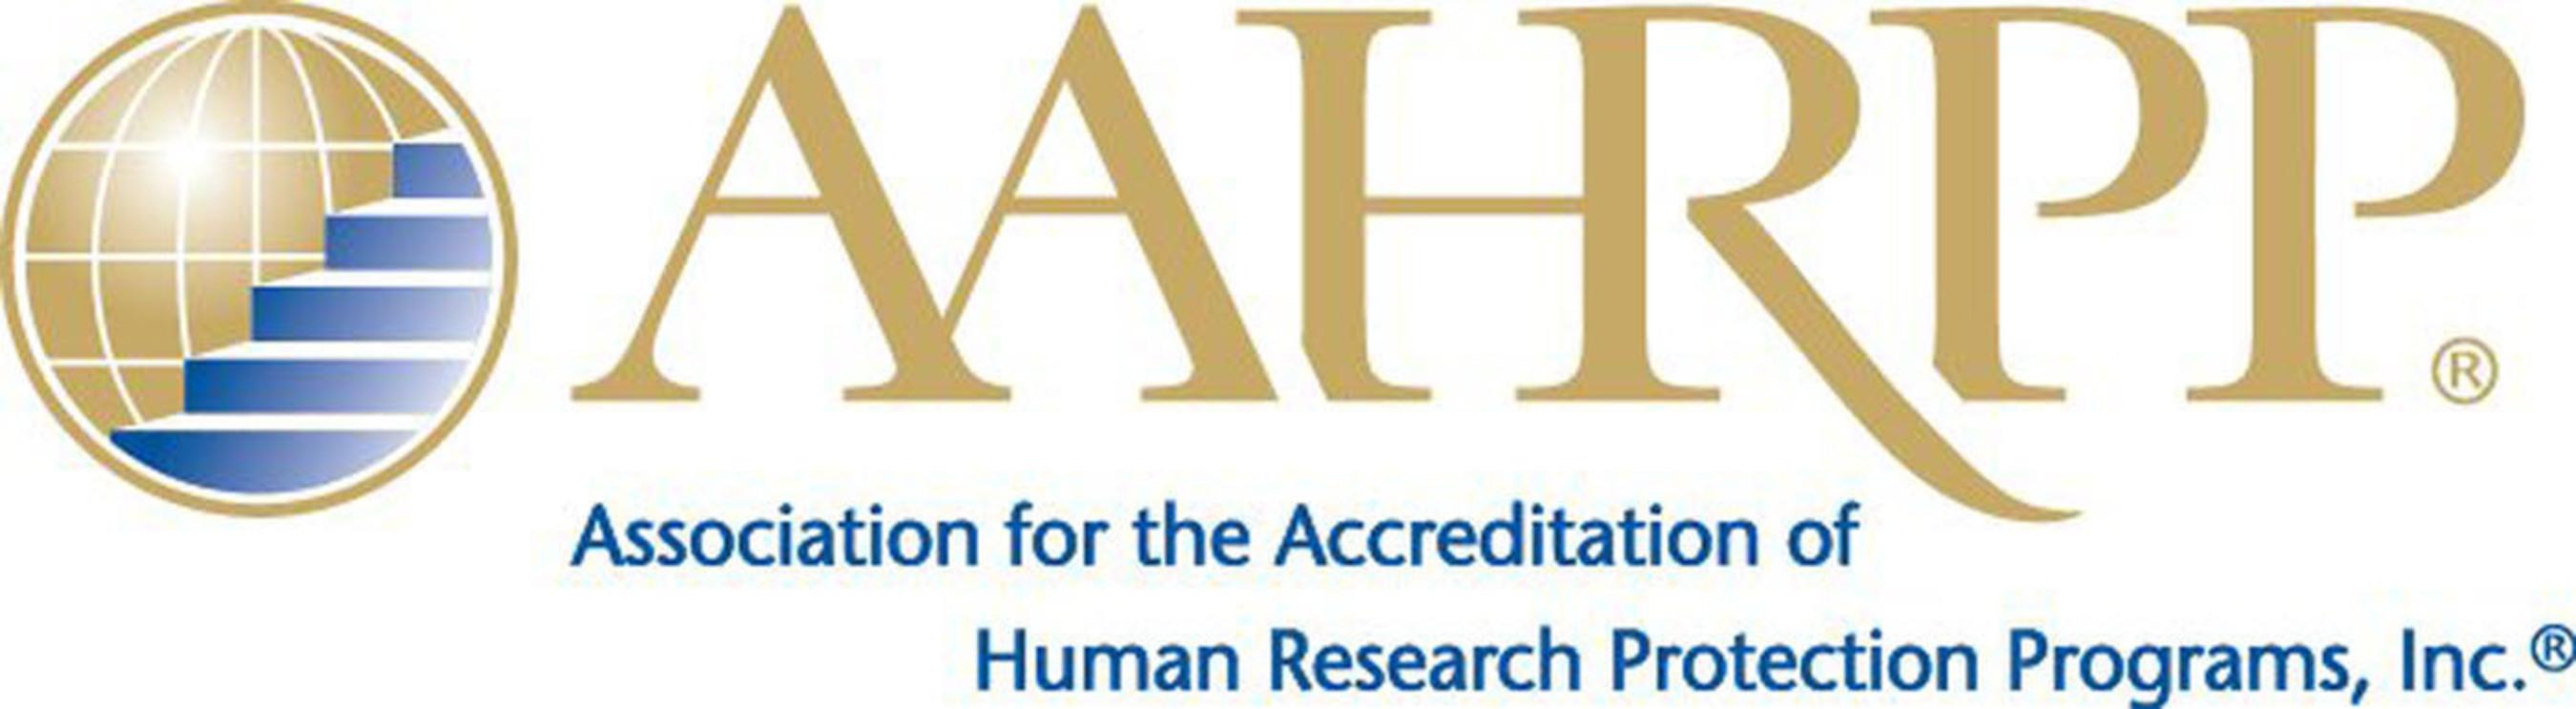 AAHRPP logo.